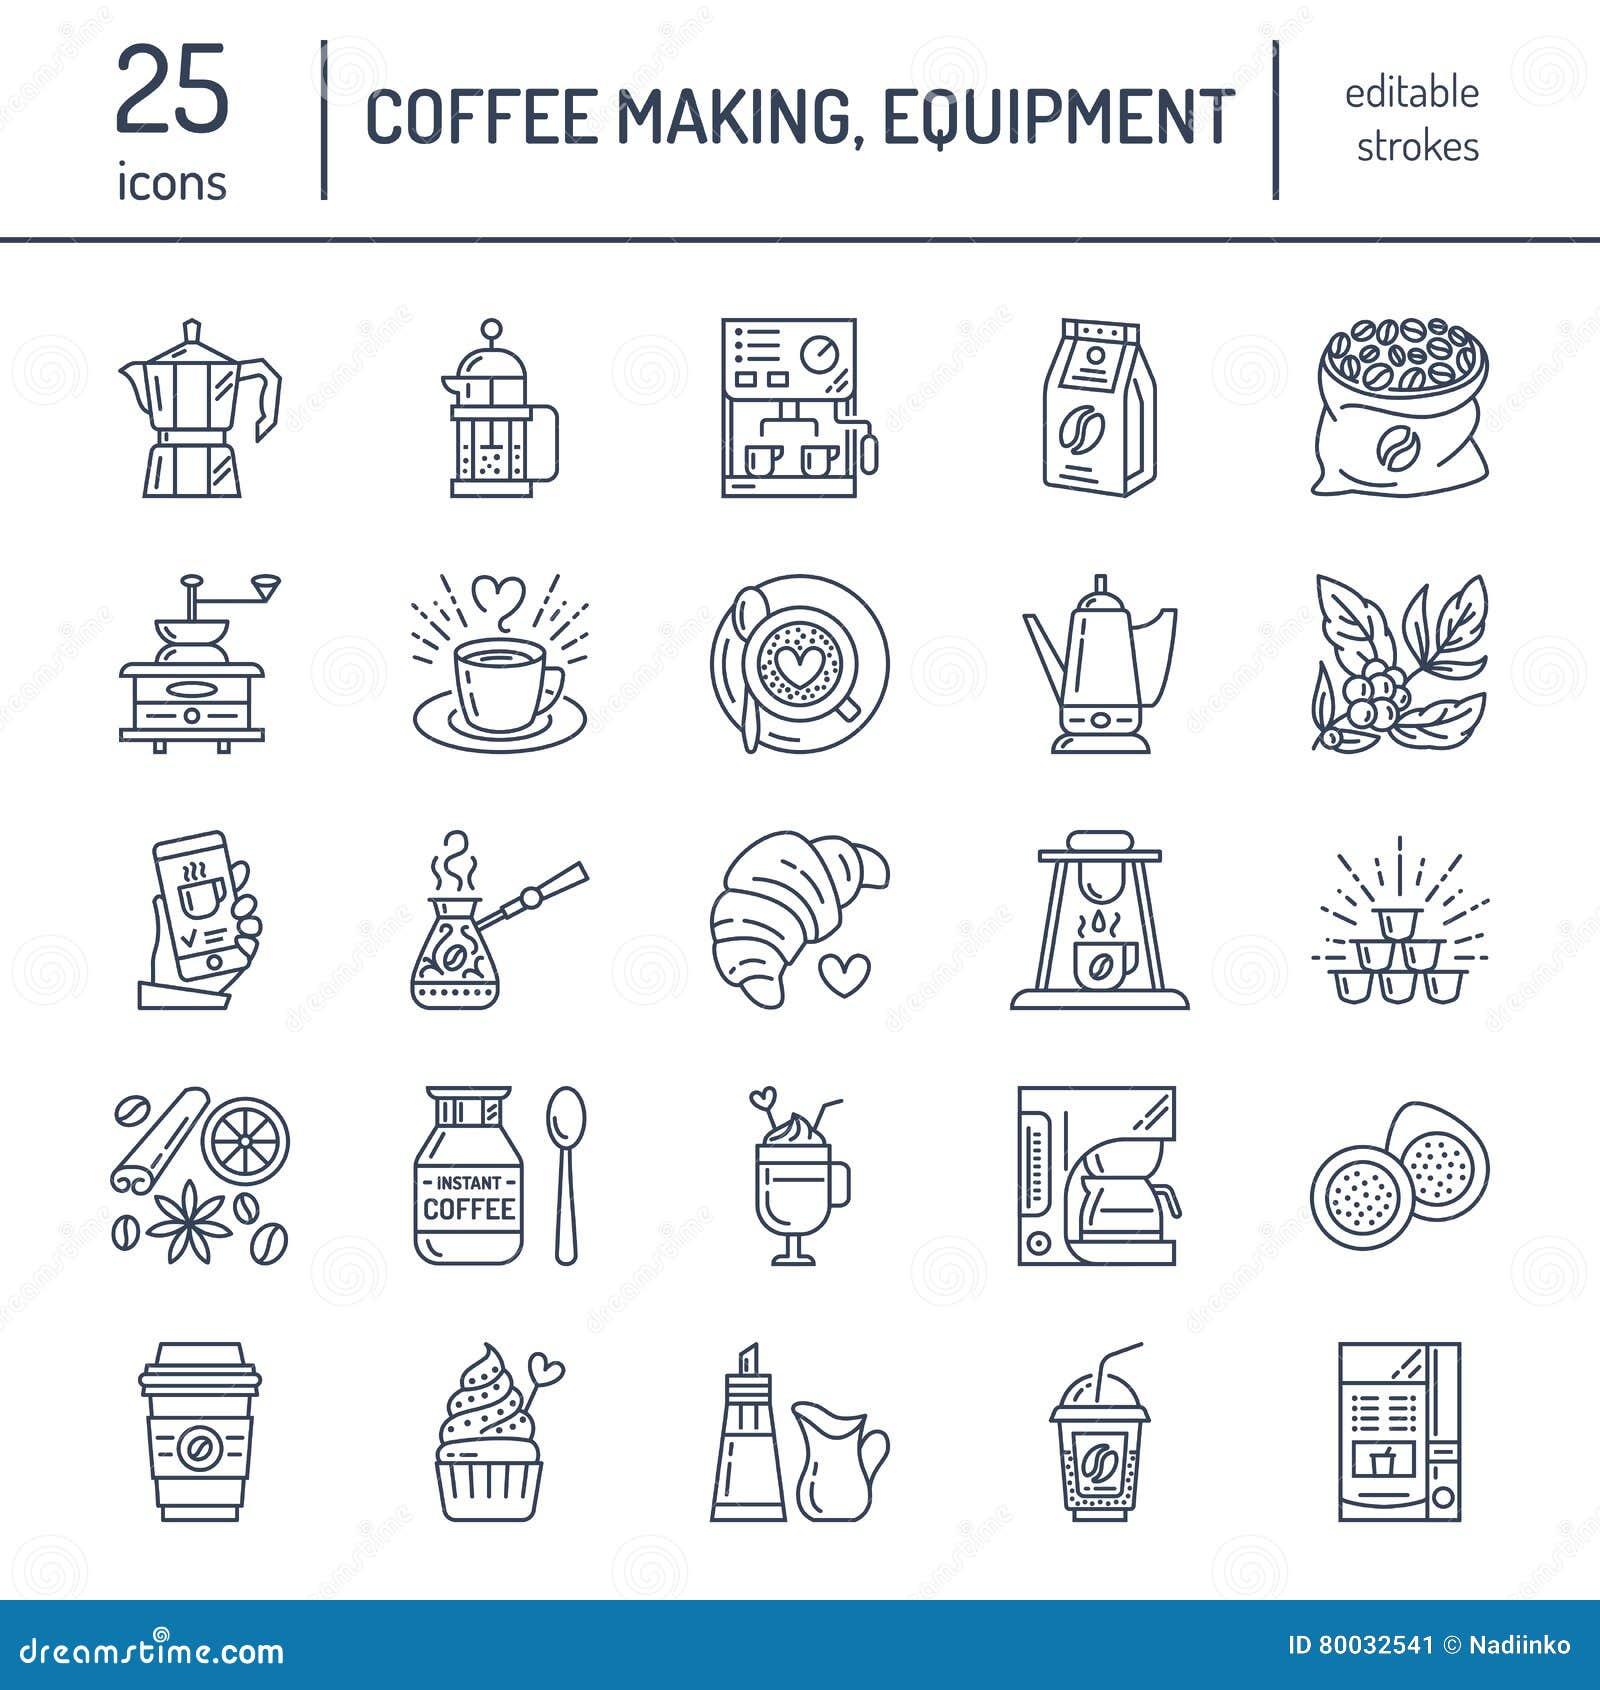 Vektorlinie Ikonen des Kaffees Geräte herstellend Elemente - moka Topf, Franzosepresse, Kaffeemühle, Espresso, verkaufend